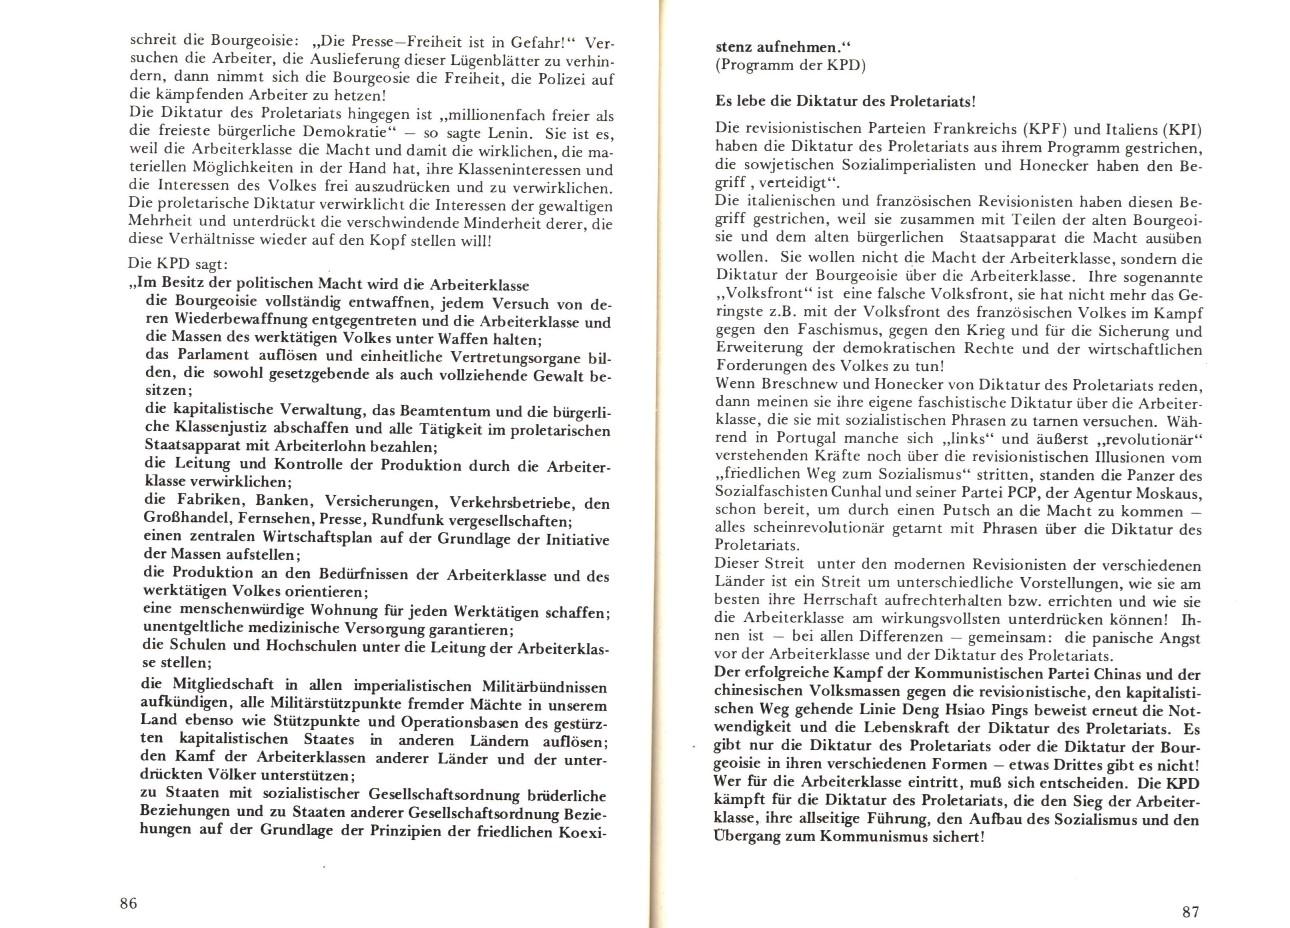 KPDAO_1976_Agitationsbroschuere_zur_BTW_45